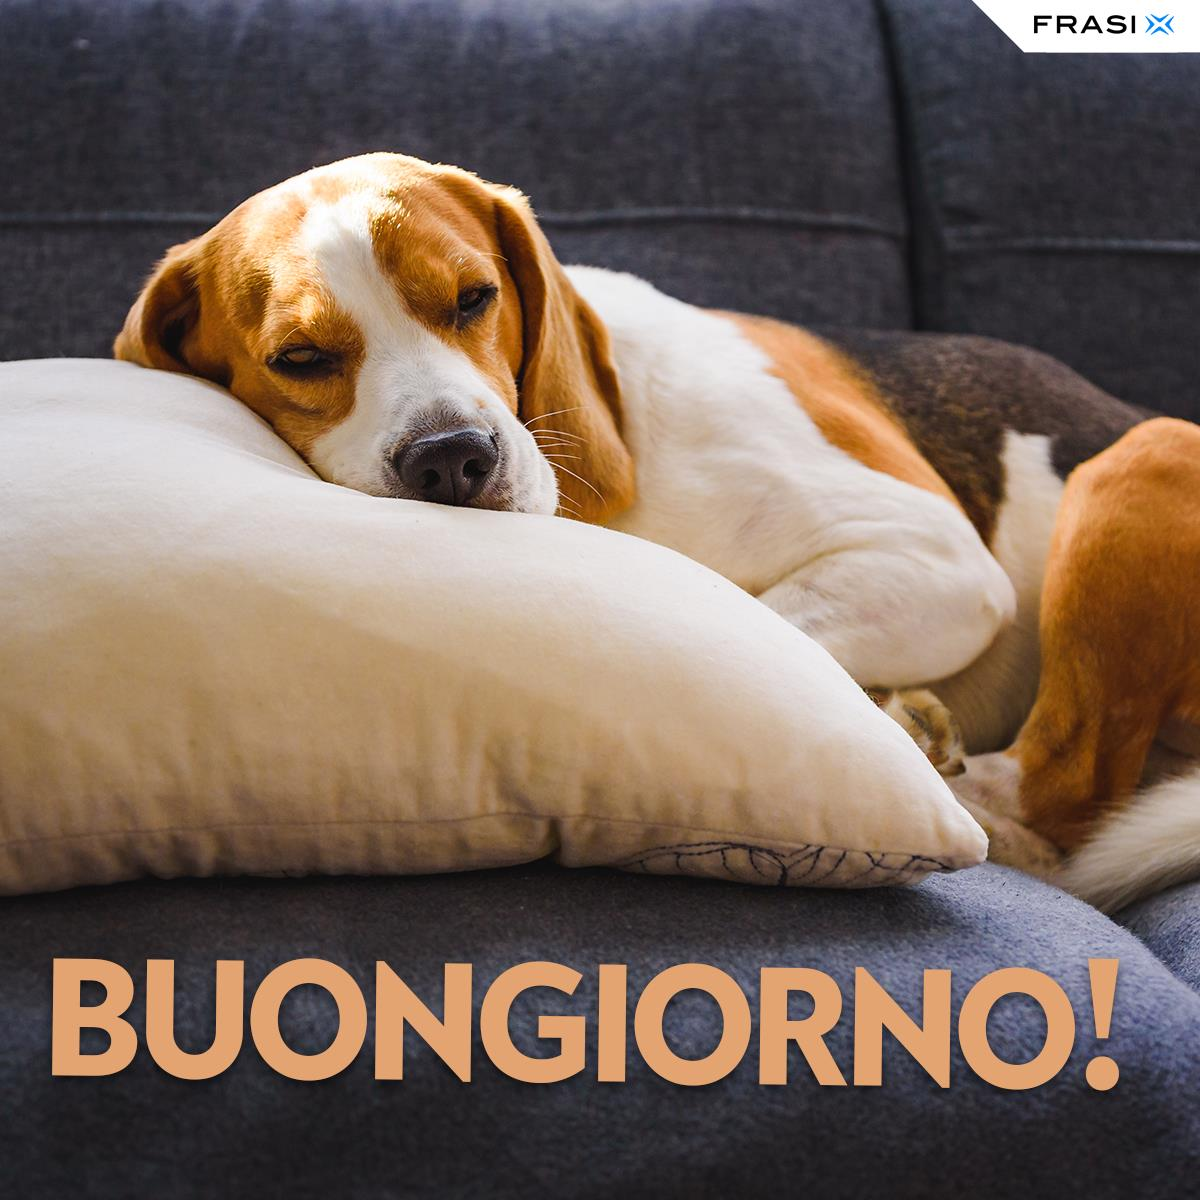 Messaggi buongiorno animali cane sul cuscino